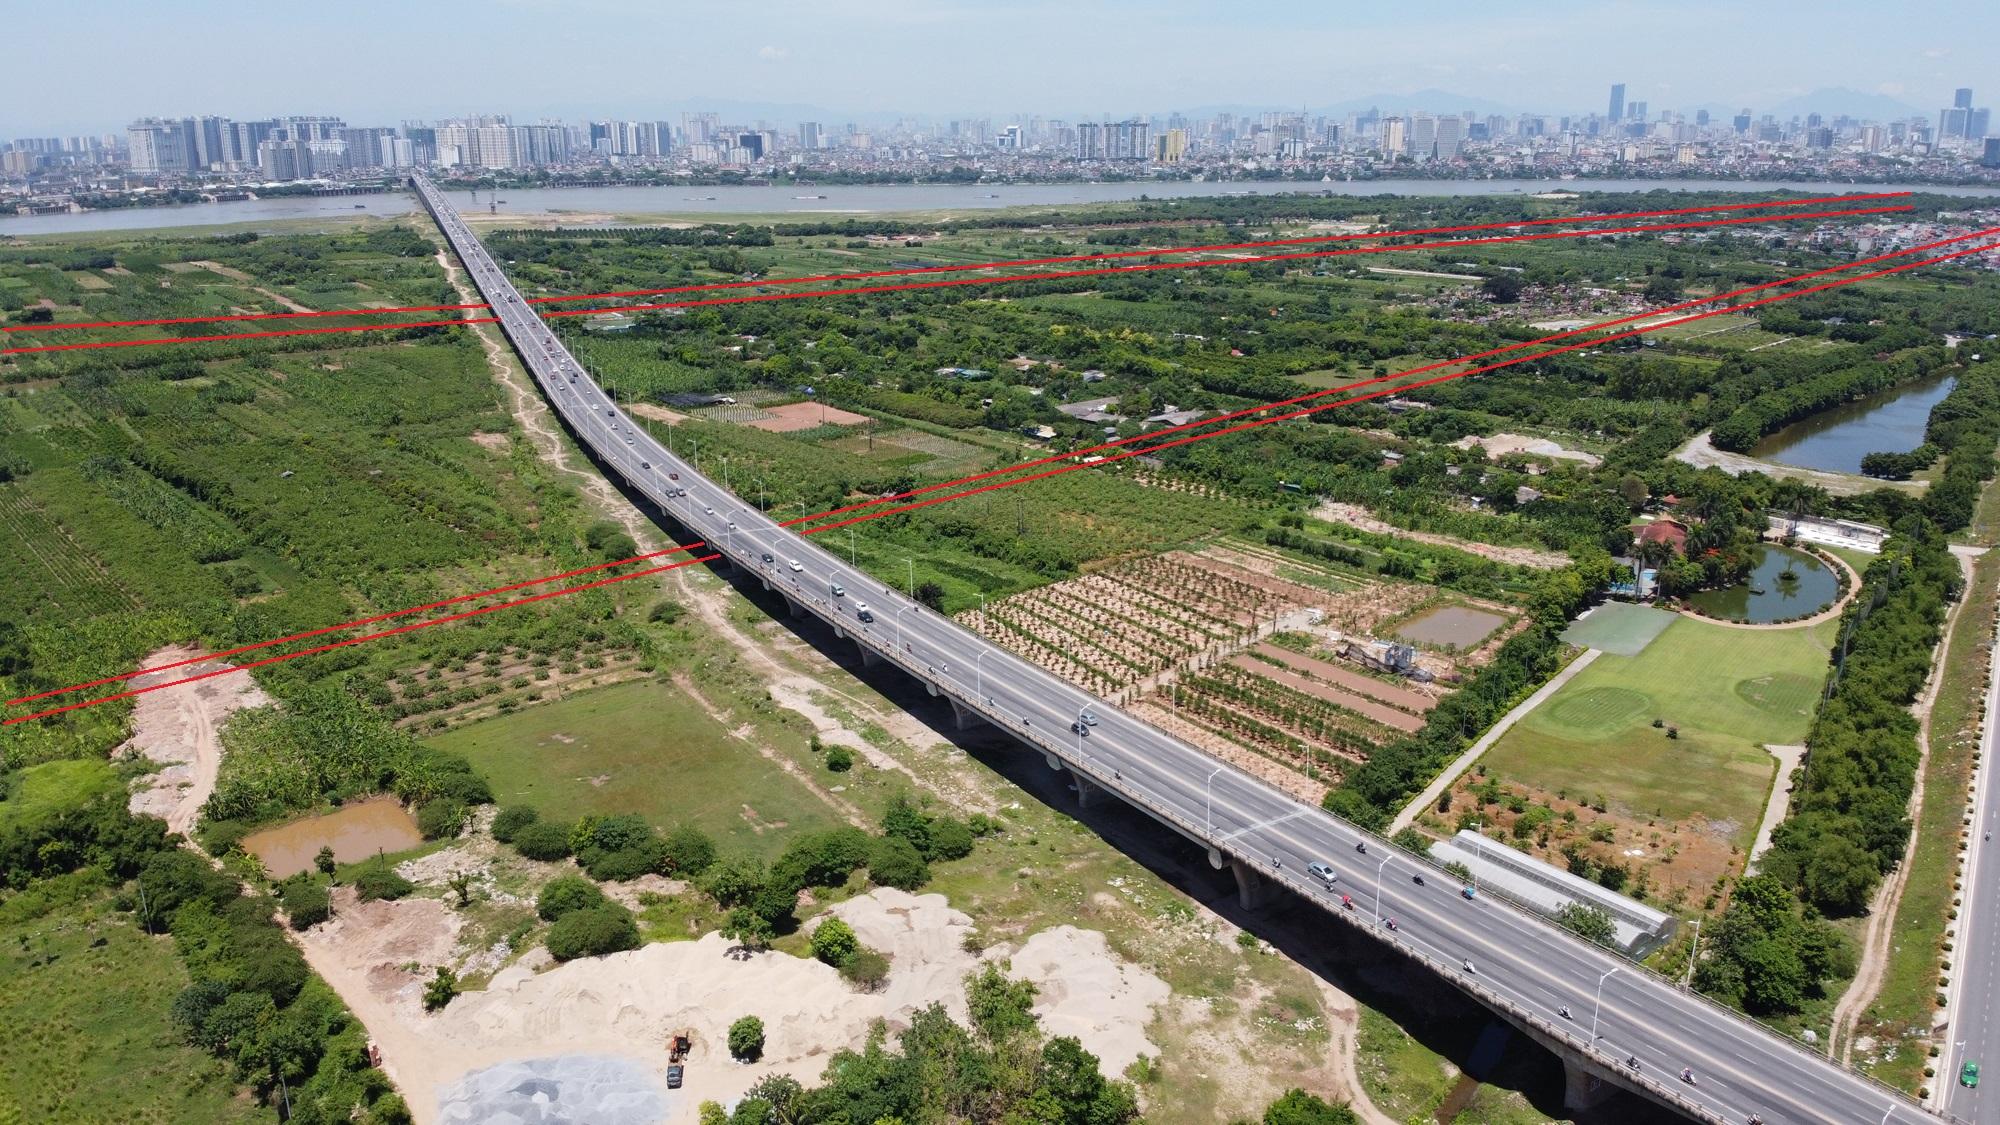 Tháng 1/2021 khởi công cầu Vĩnh Tuy giai đoạn II, hoàn thiện đường vành đai 2 - Ảnh 1.